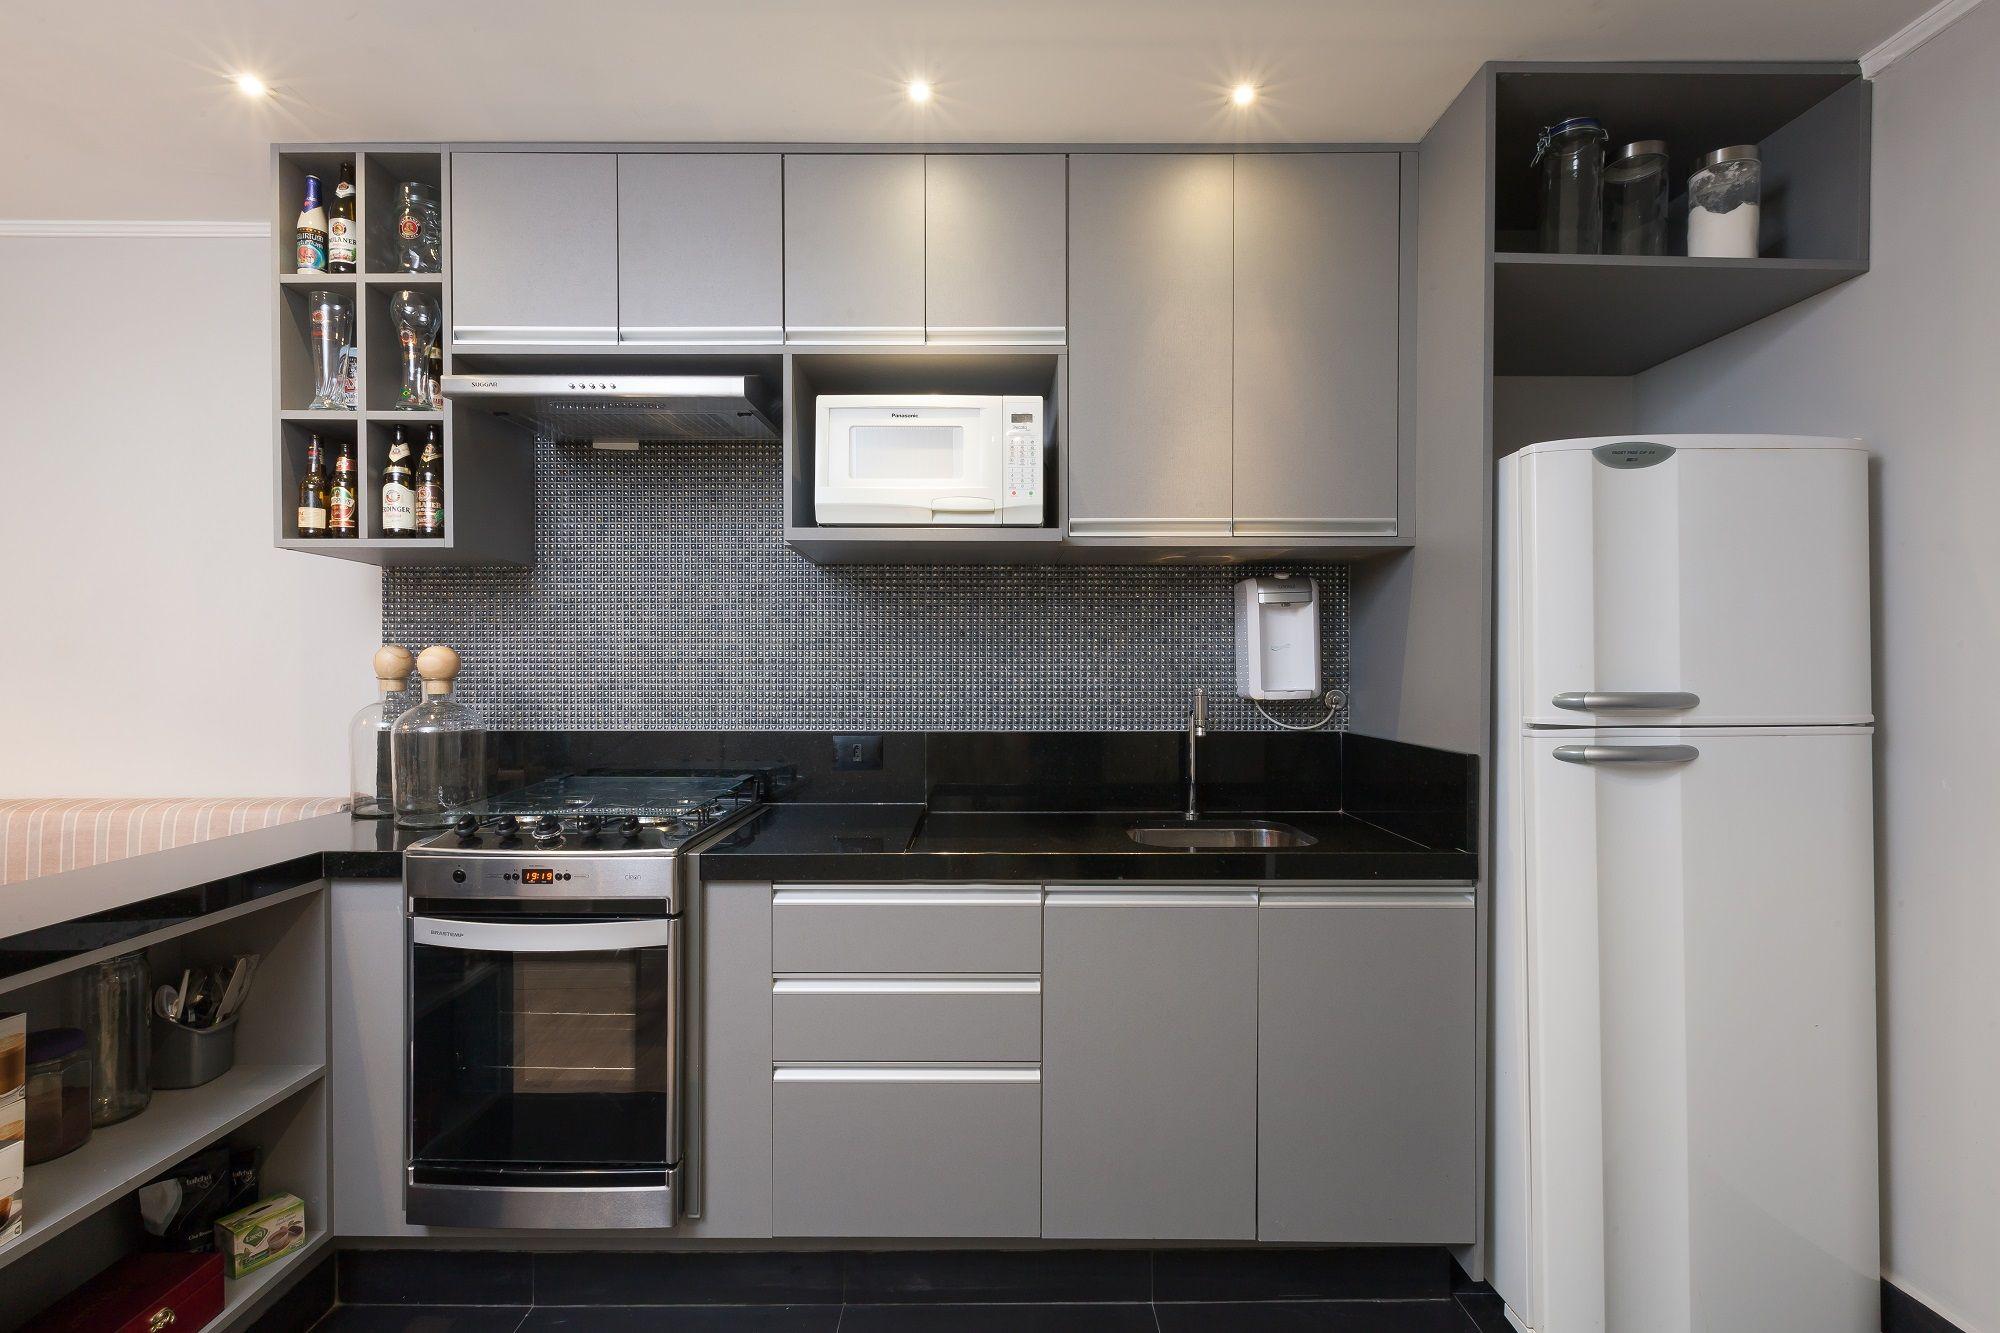 Artesanato Jundiai ~ Ambientes integrados deixam apartamento pequeno mais amplo e funcional Bancadas pretas